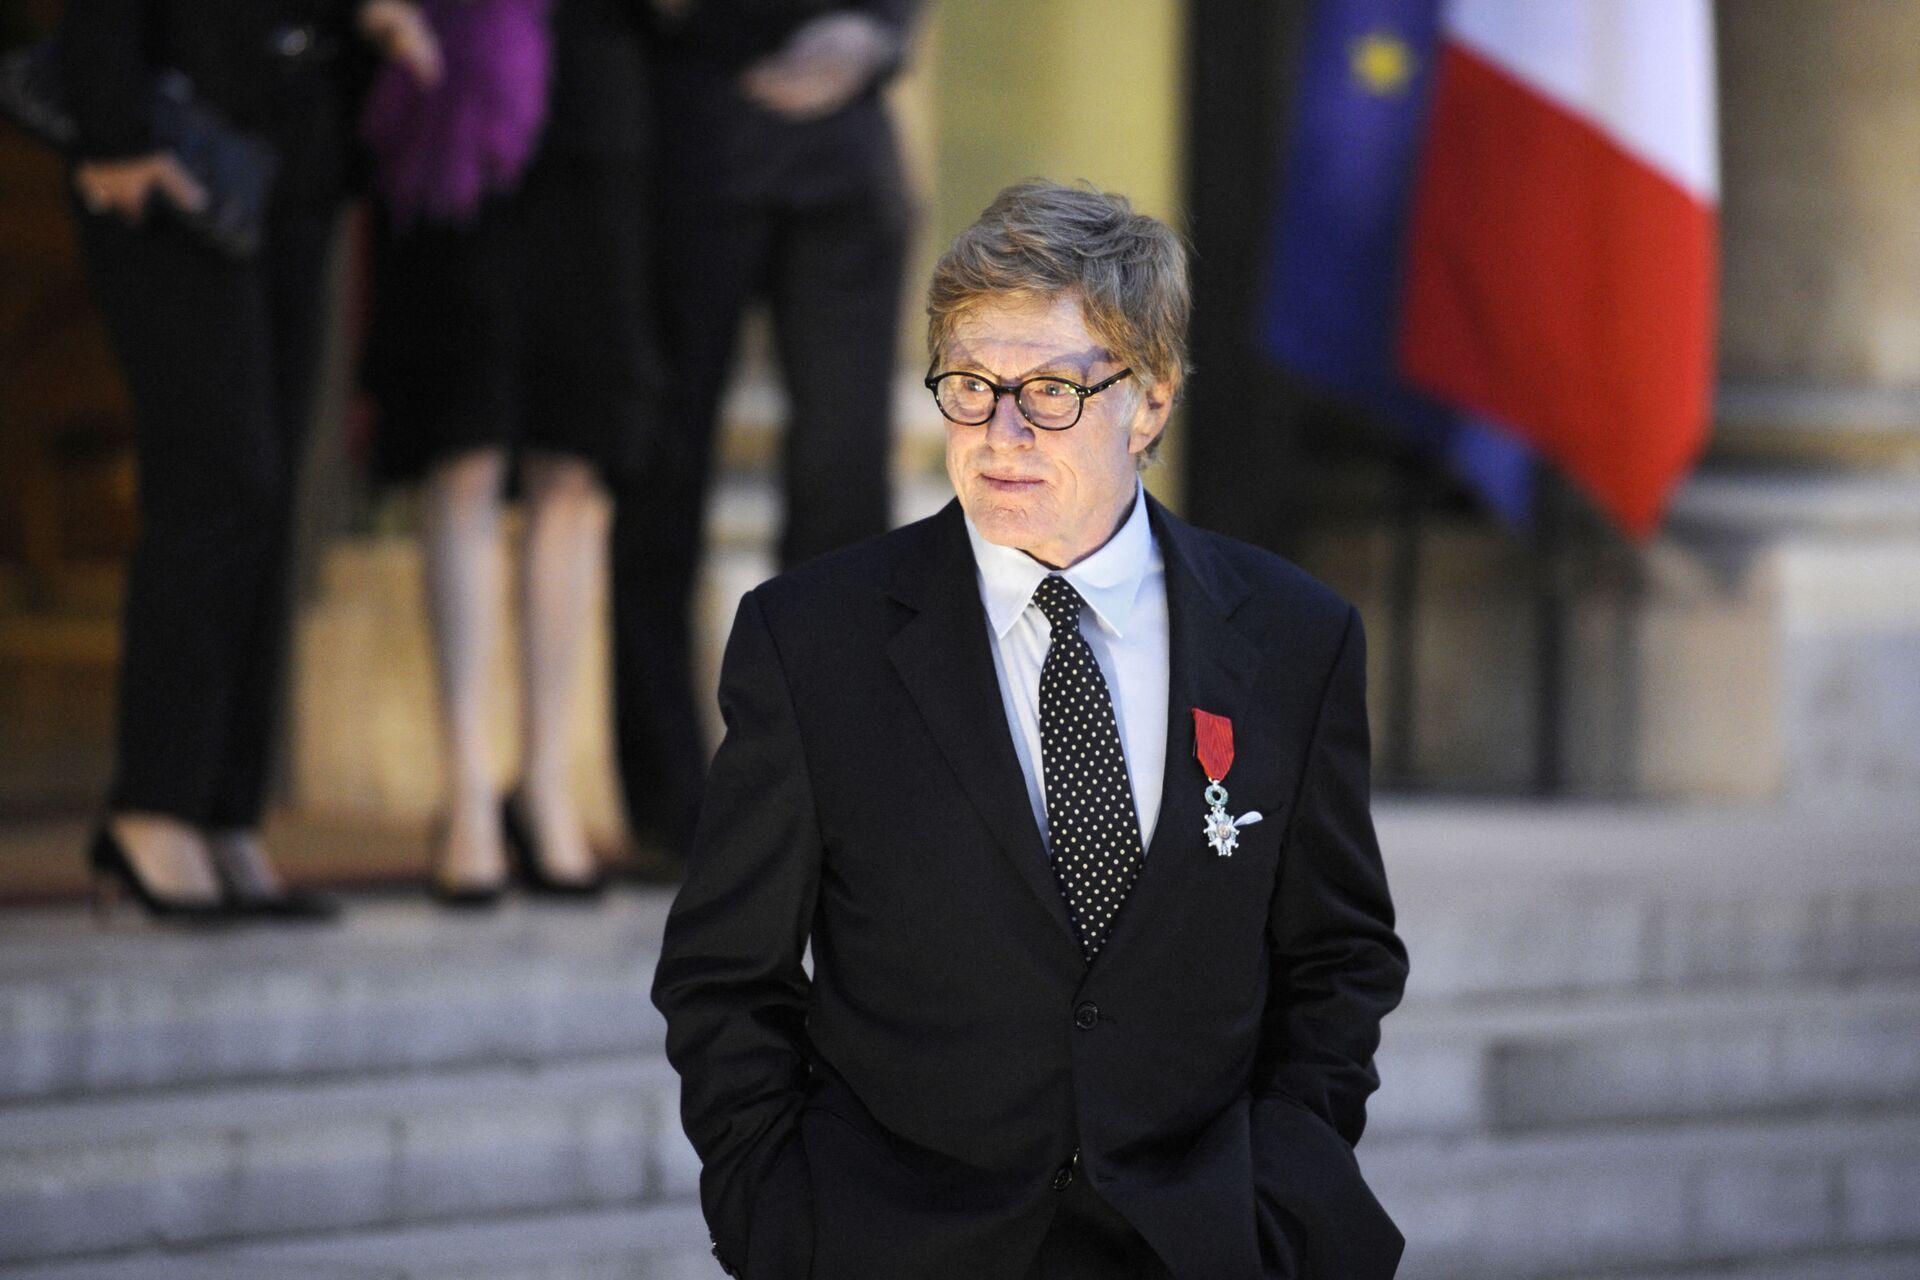 Актер Роберт Рэдфорд в Париже, 14 октябра 2010 года - Sputnik Азербайджан, 1920, 01.10.2021